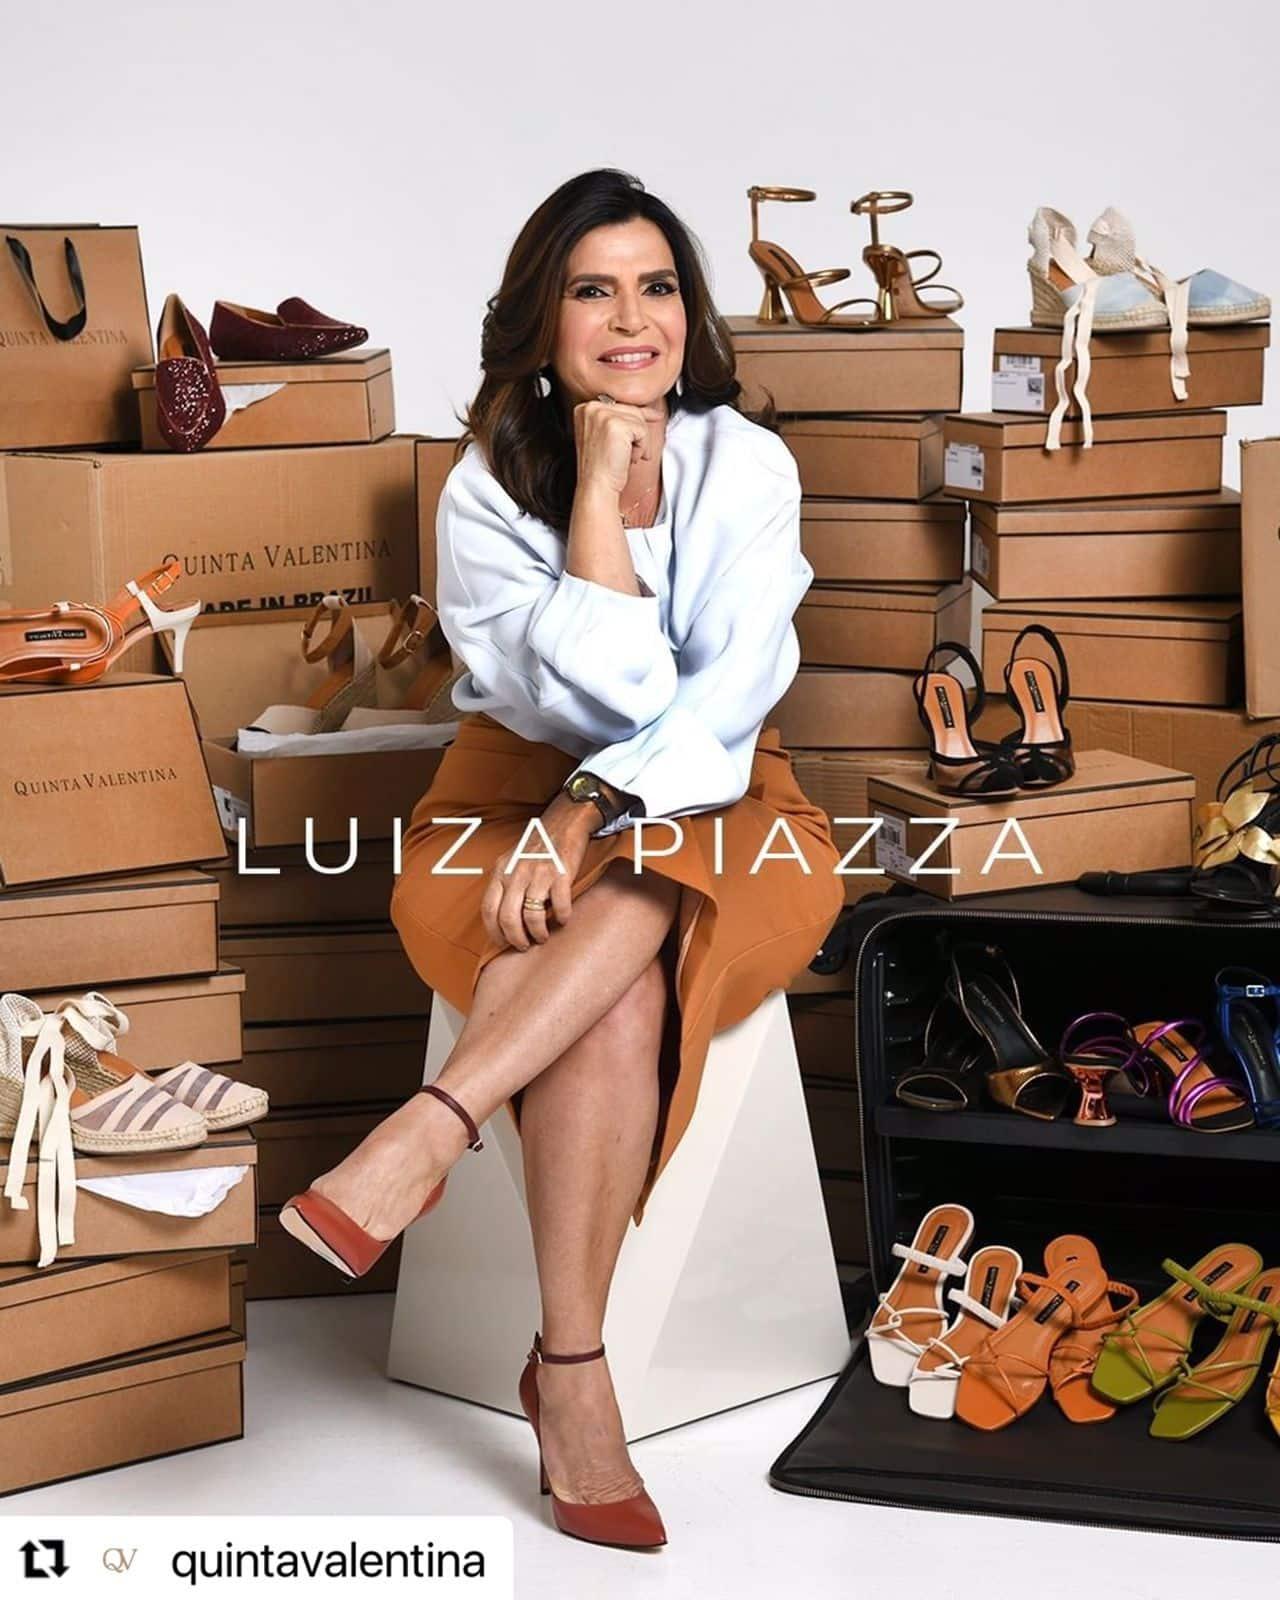 Luiza Piazza